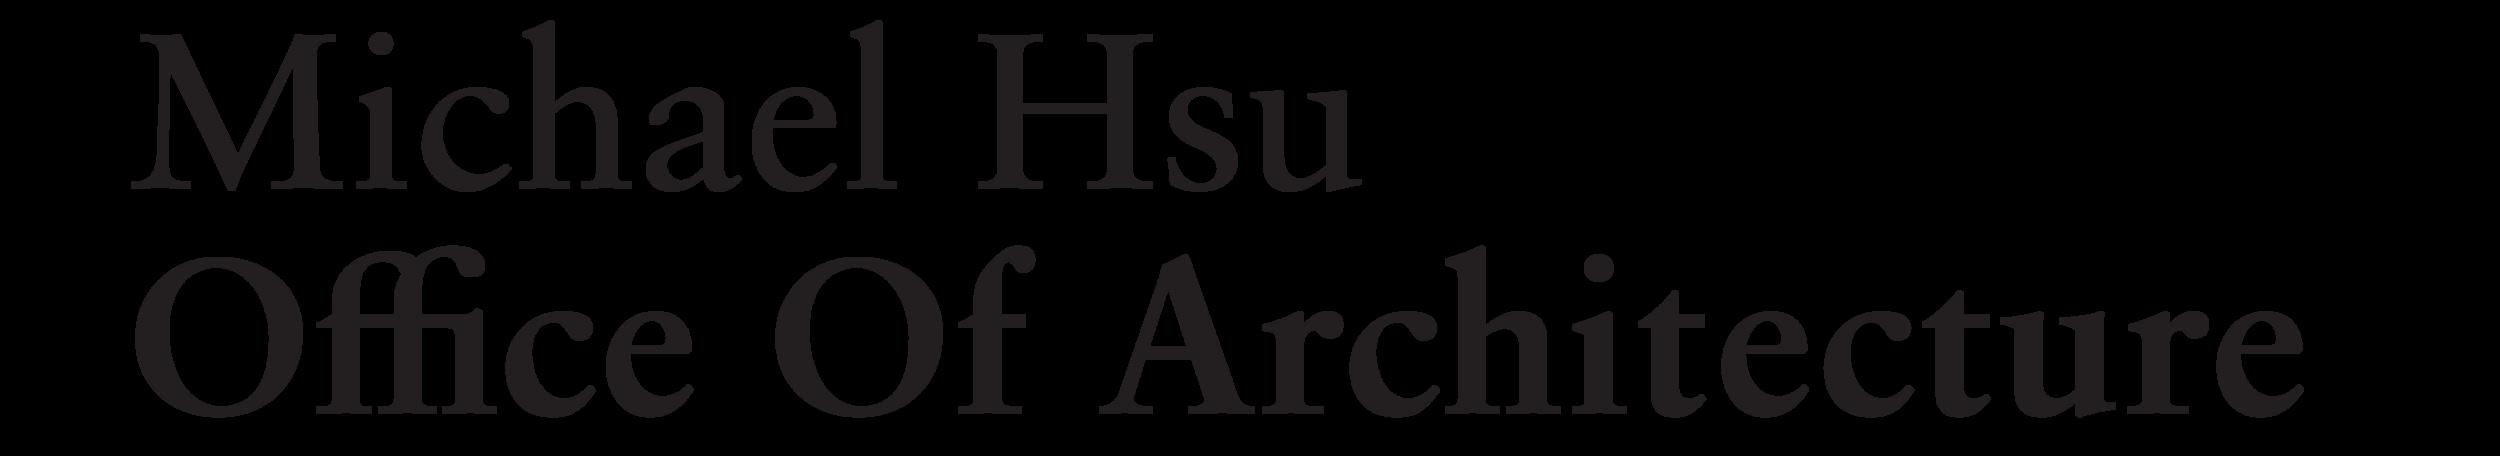 HSU_logotype_primary.png